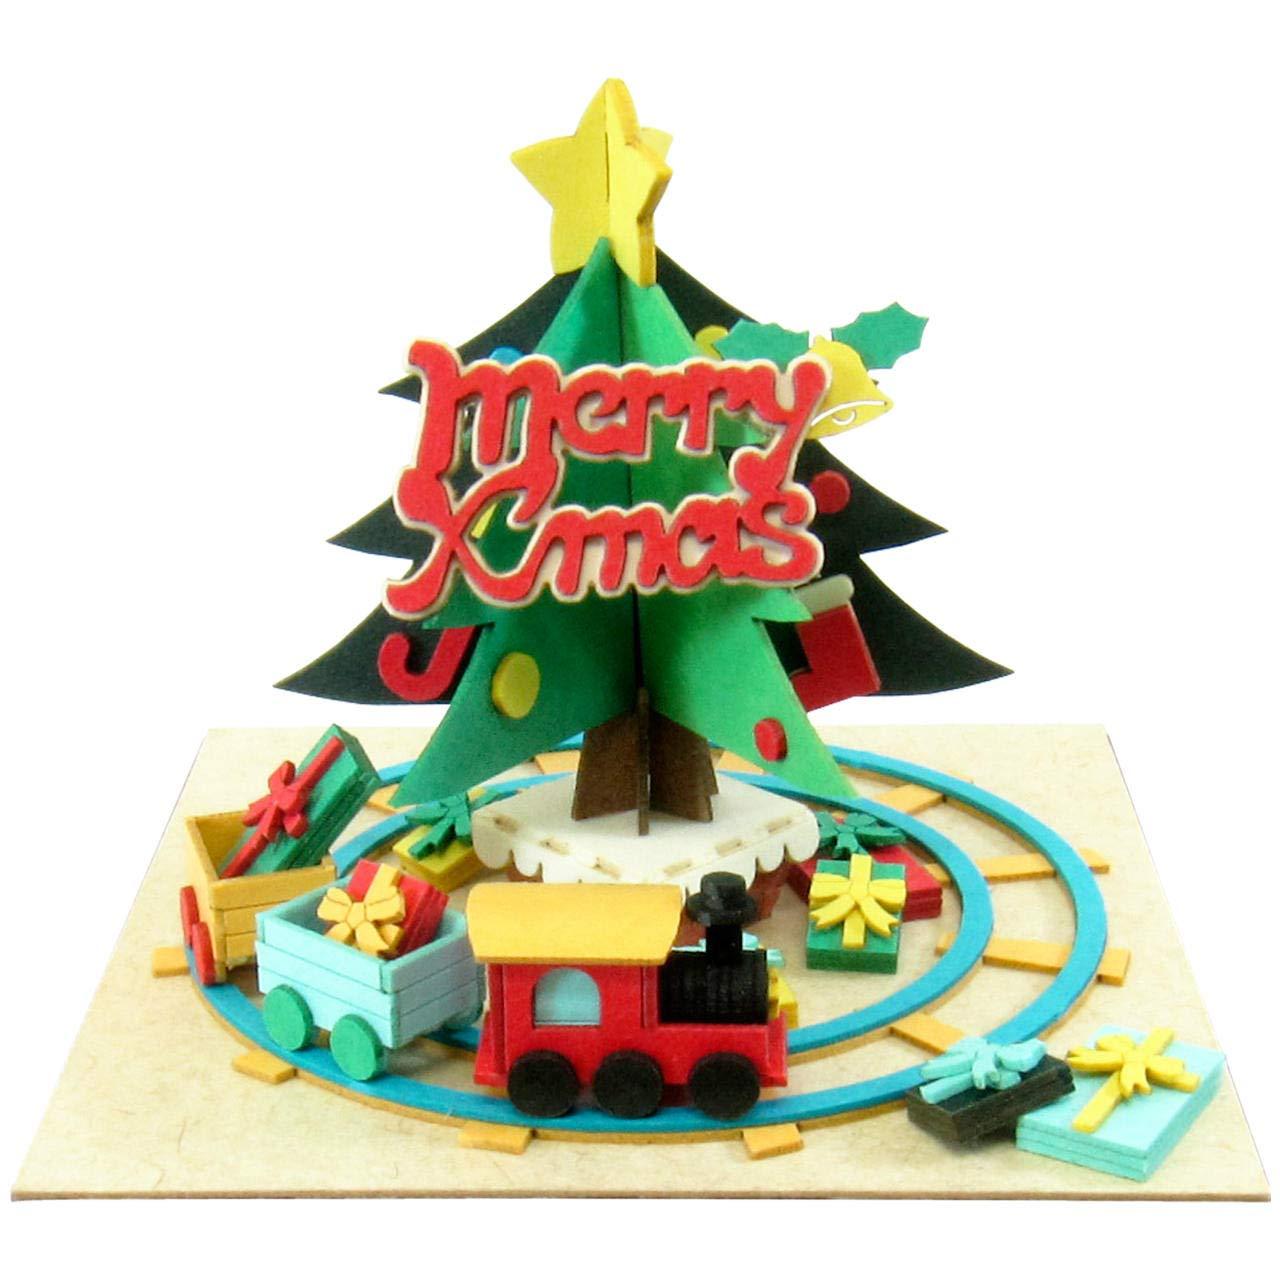 Mini Weihnachtsbaum und Minichua MP05-11 (Paper (Paper (Paper Craft) (Japan-Import) B00FXKABOM   Ausgezeichnet (in) Qualität  818e7a